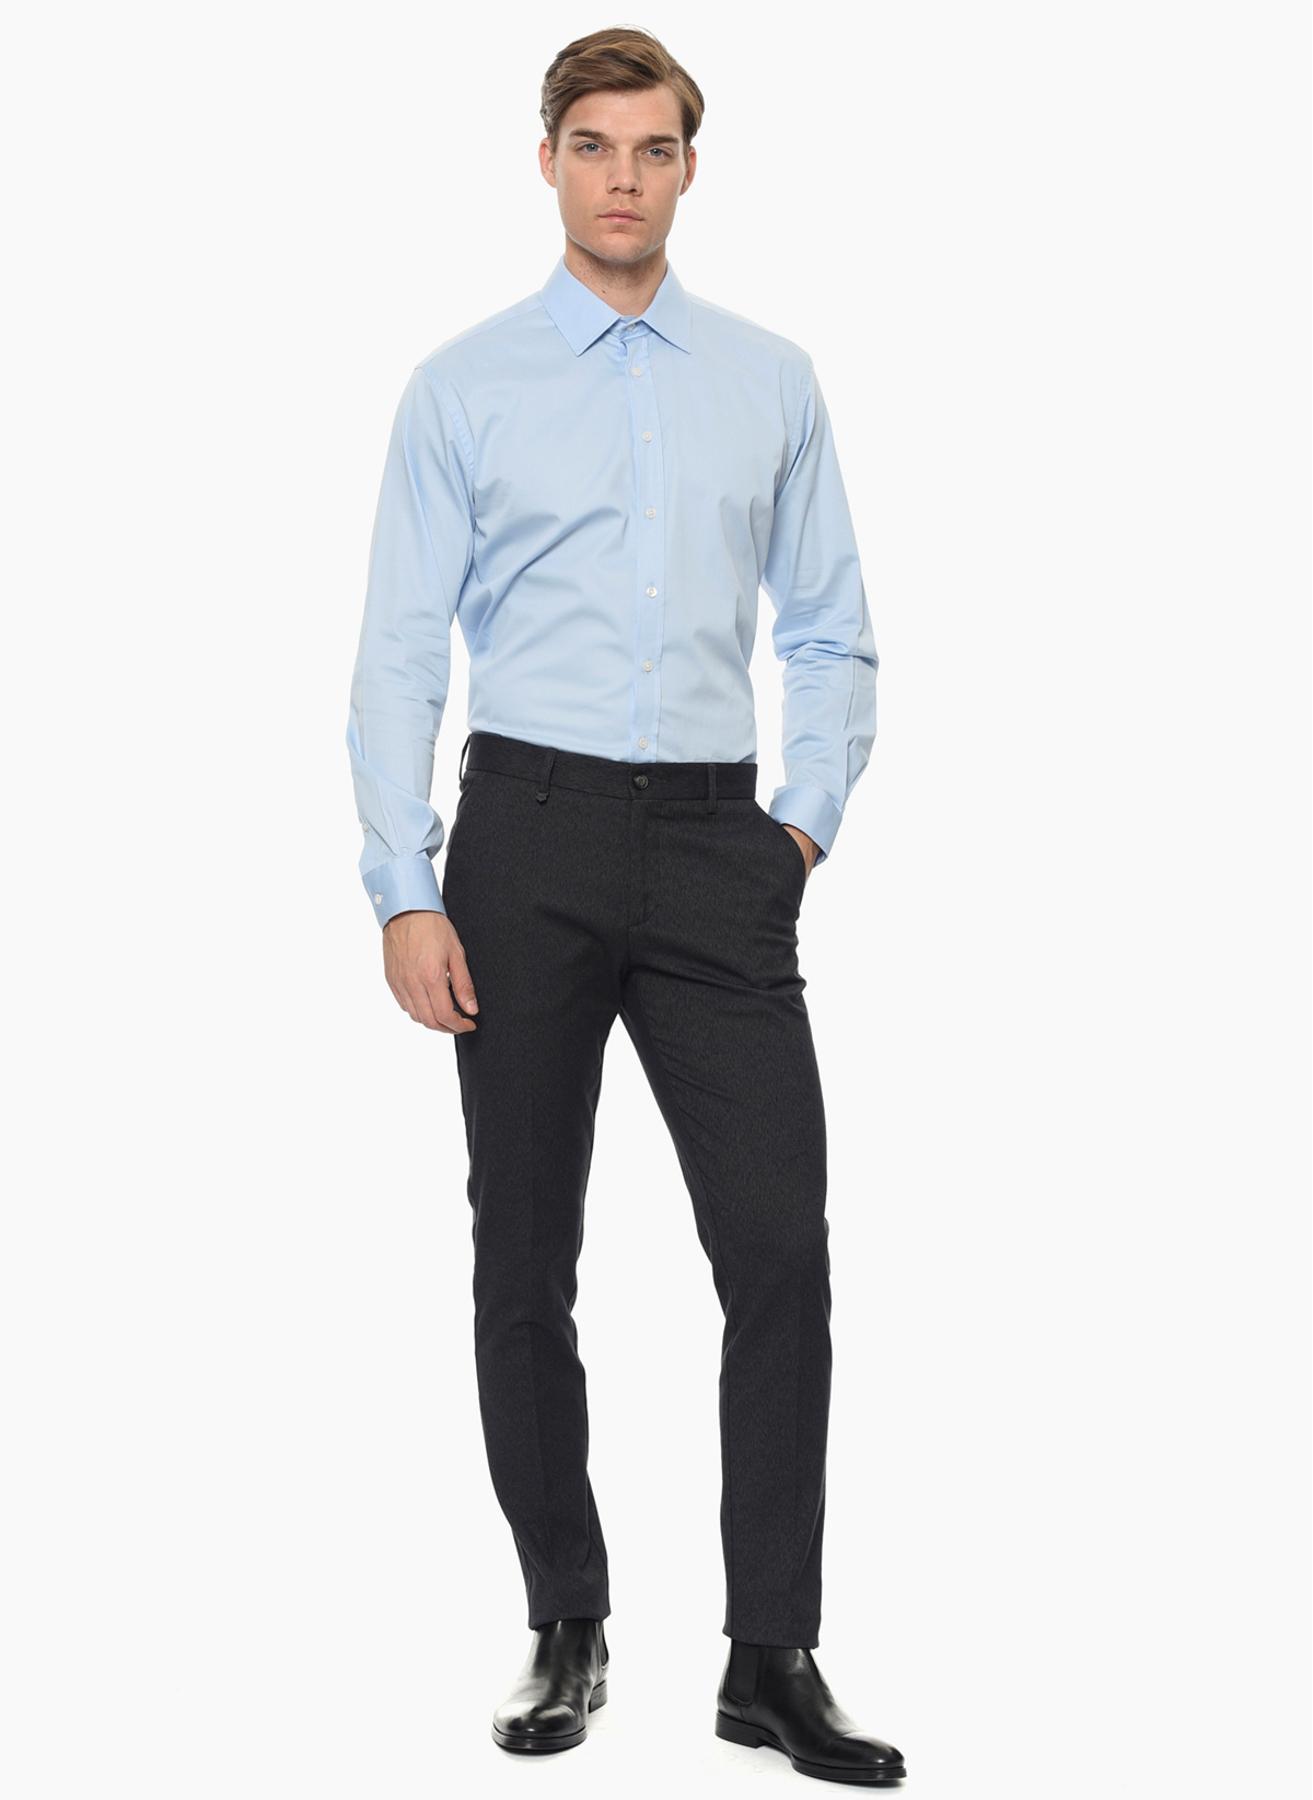 George Hogg Açık Mavi Gömlek 39 5001699353001 Ürün Resmi